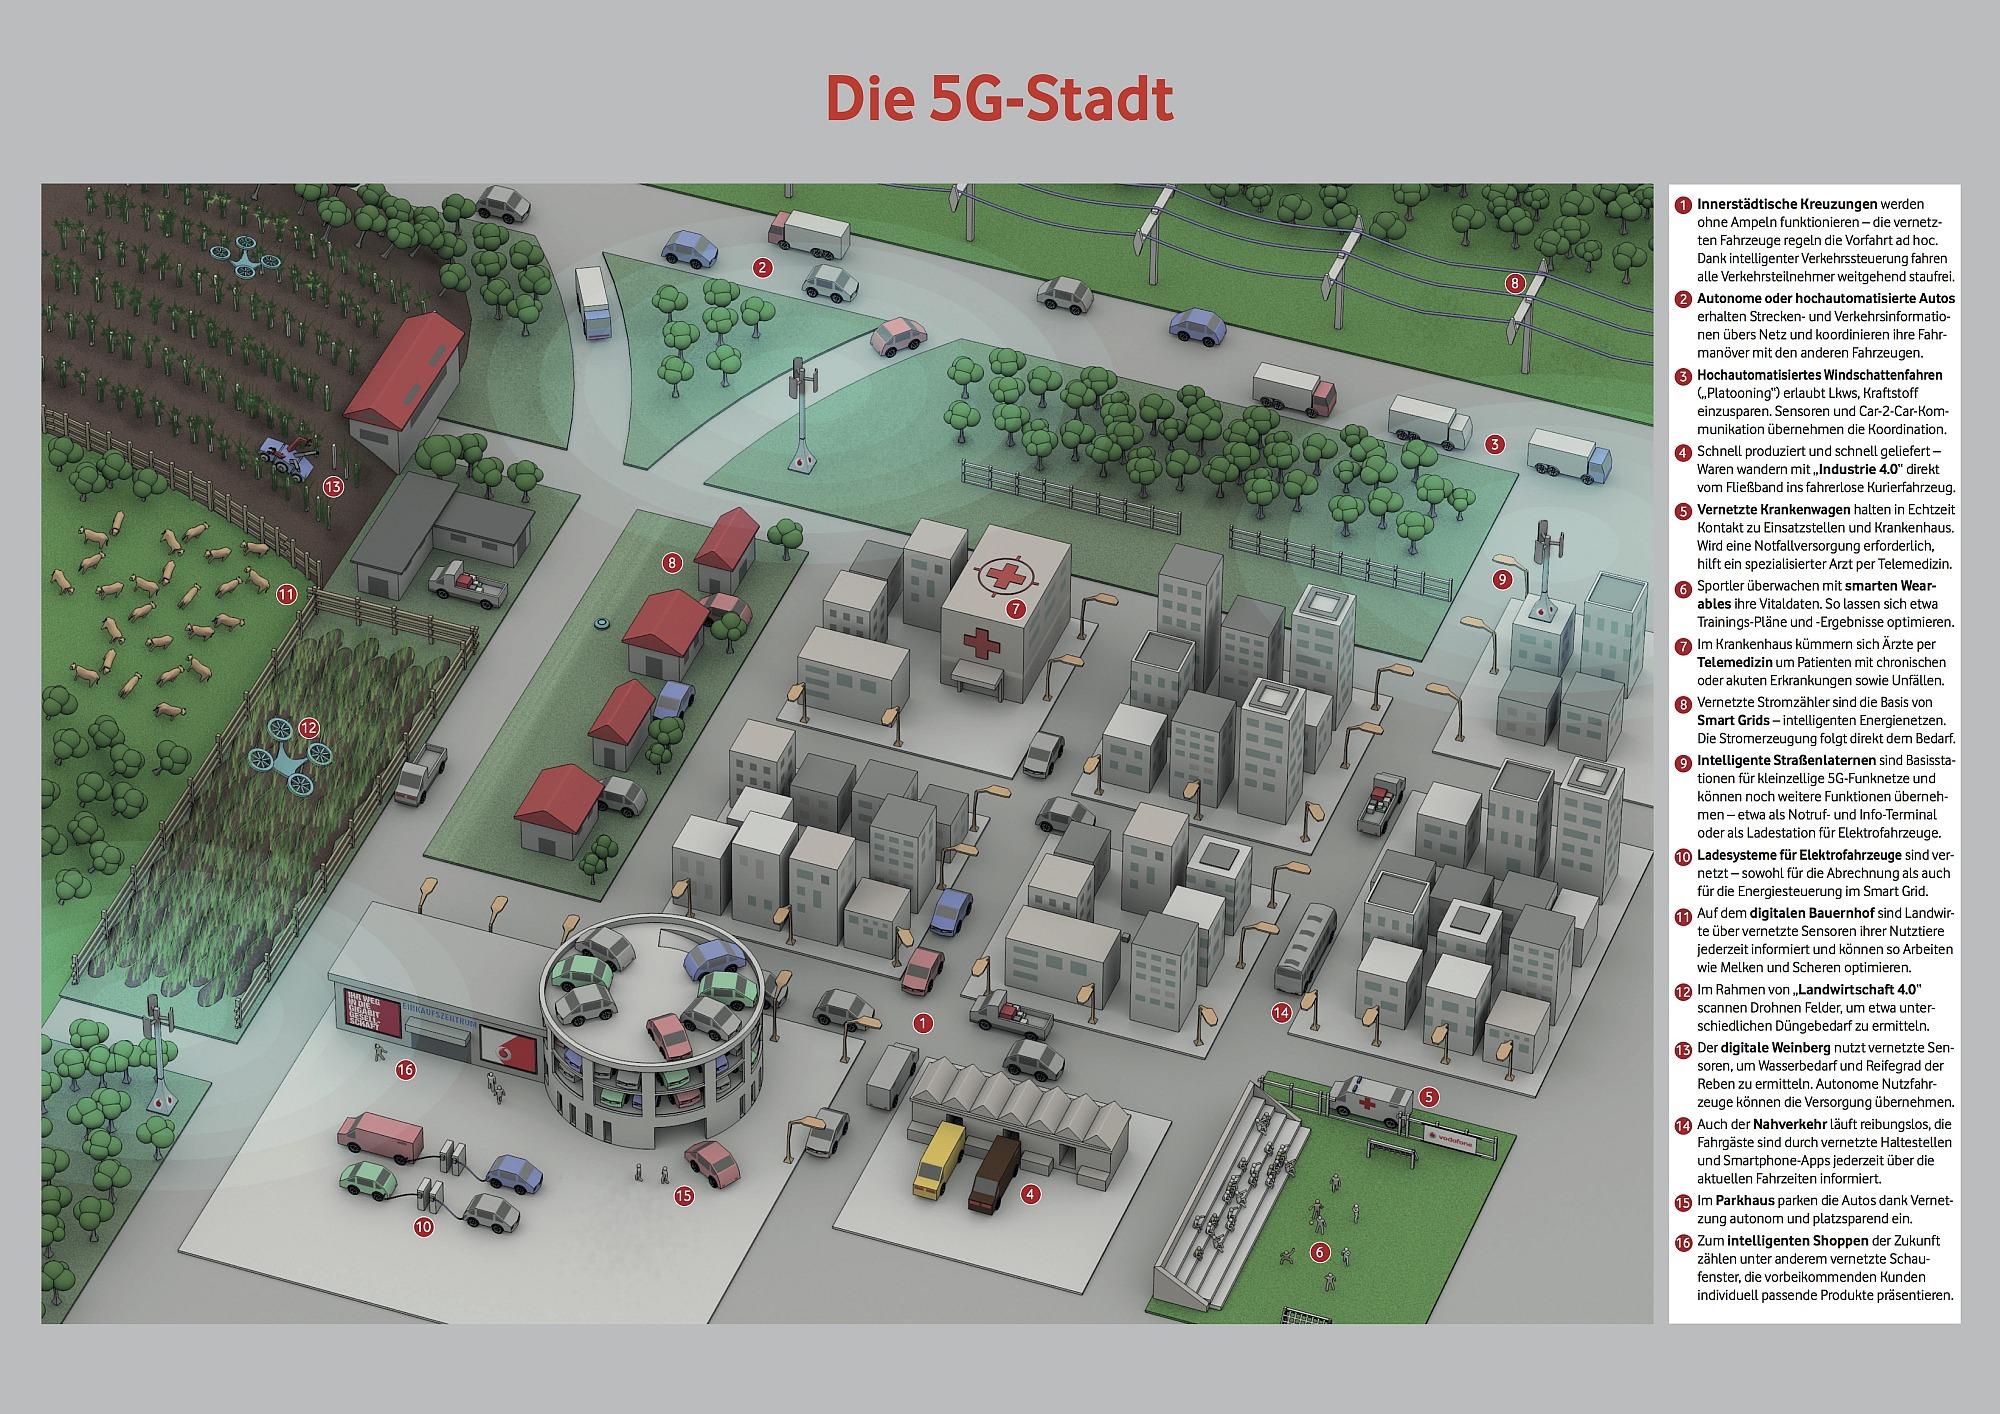 Mit der 5G-Stadt stellt Vodafone seine Zukunft einer vernetzten Gesellschaft vor. Verkehr, Infrastruktur, Logistik und Produktion – alles ist vernetzt und interagiert künftig über ein superschnelles mobiles Netz. Bild: Vodafone